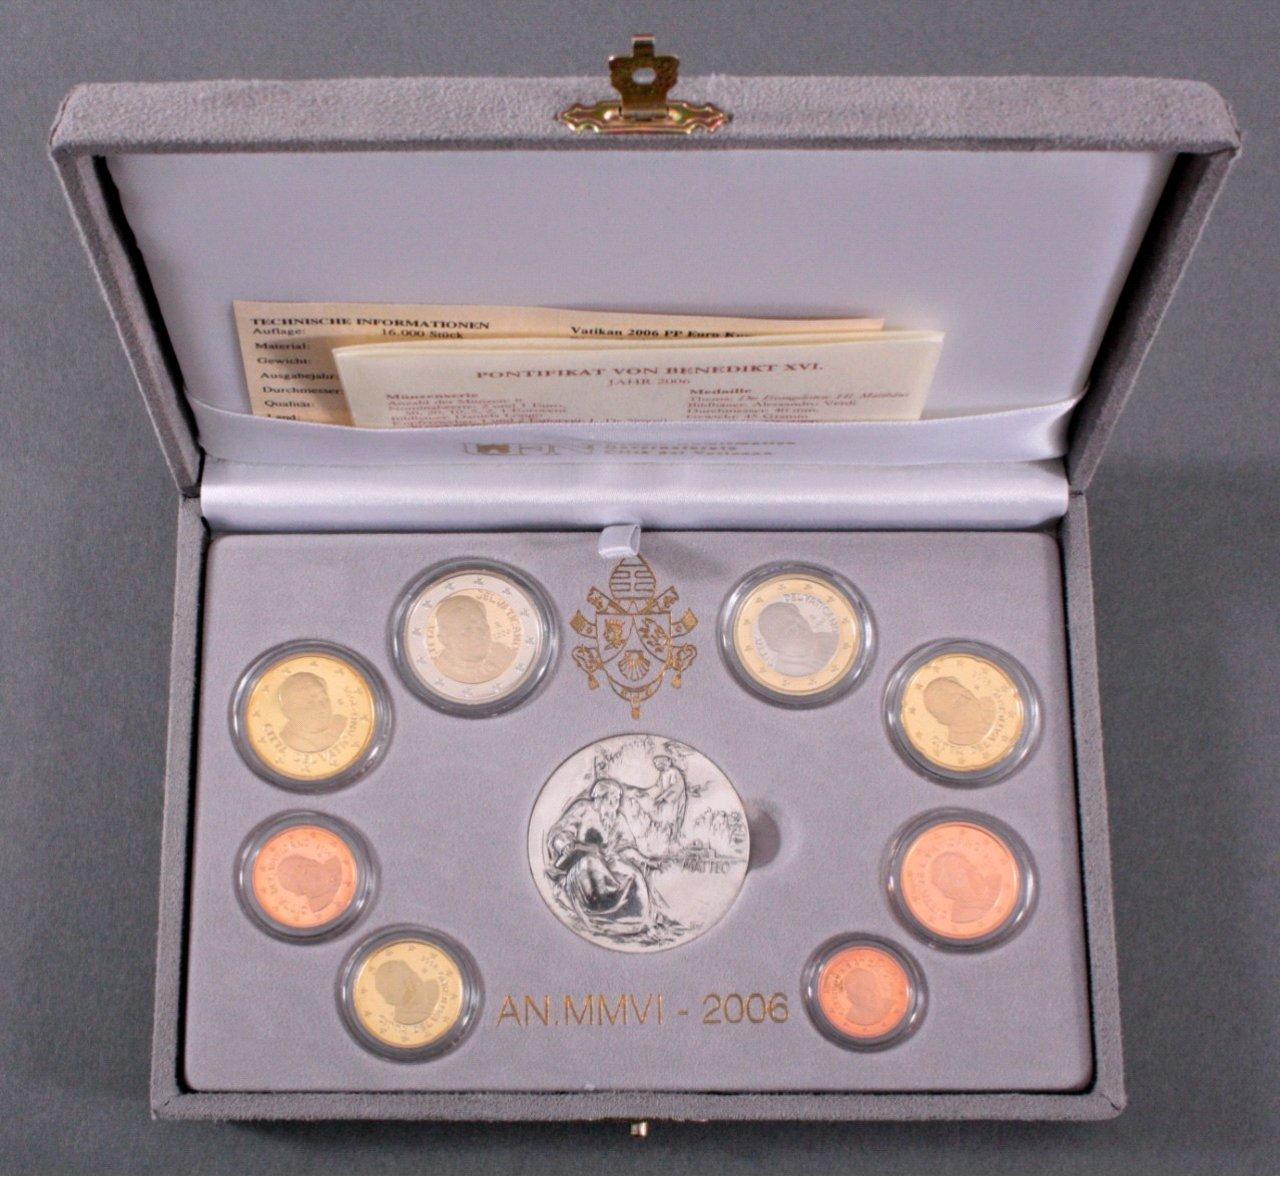 Vatikan Kursmünzensatz 2006